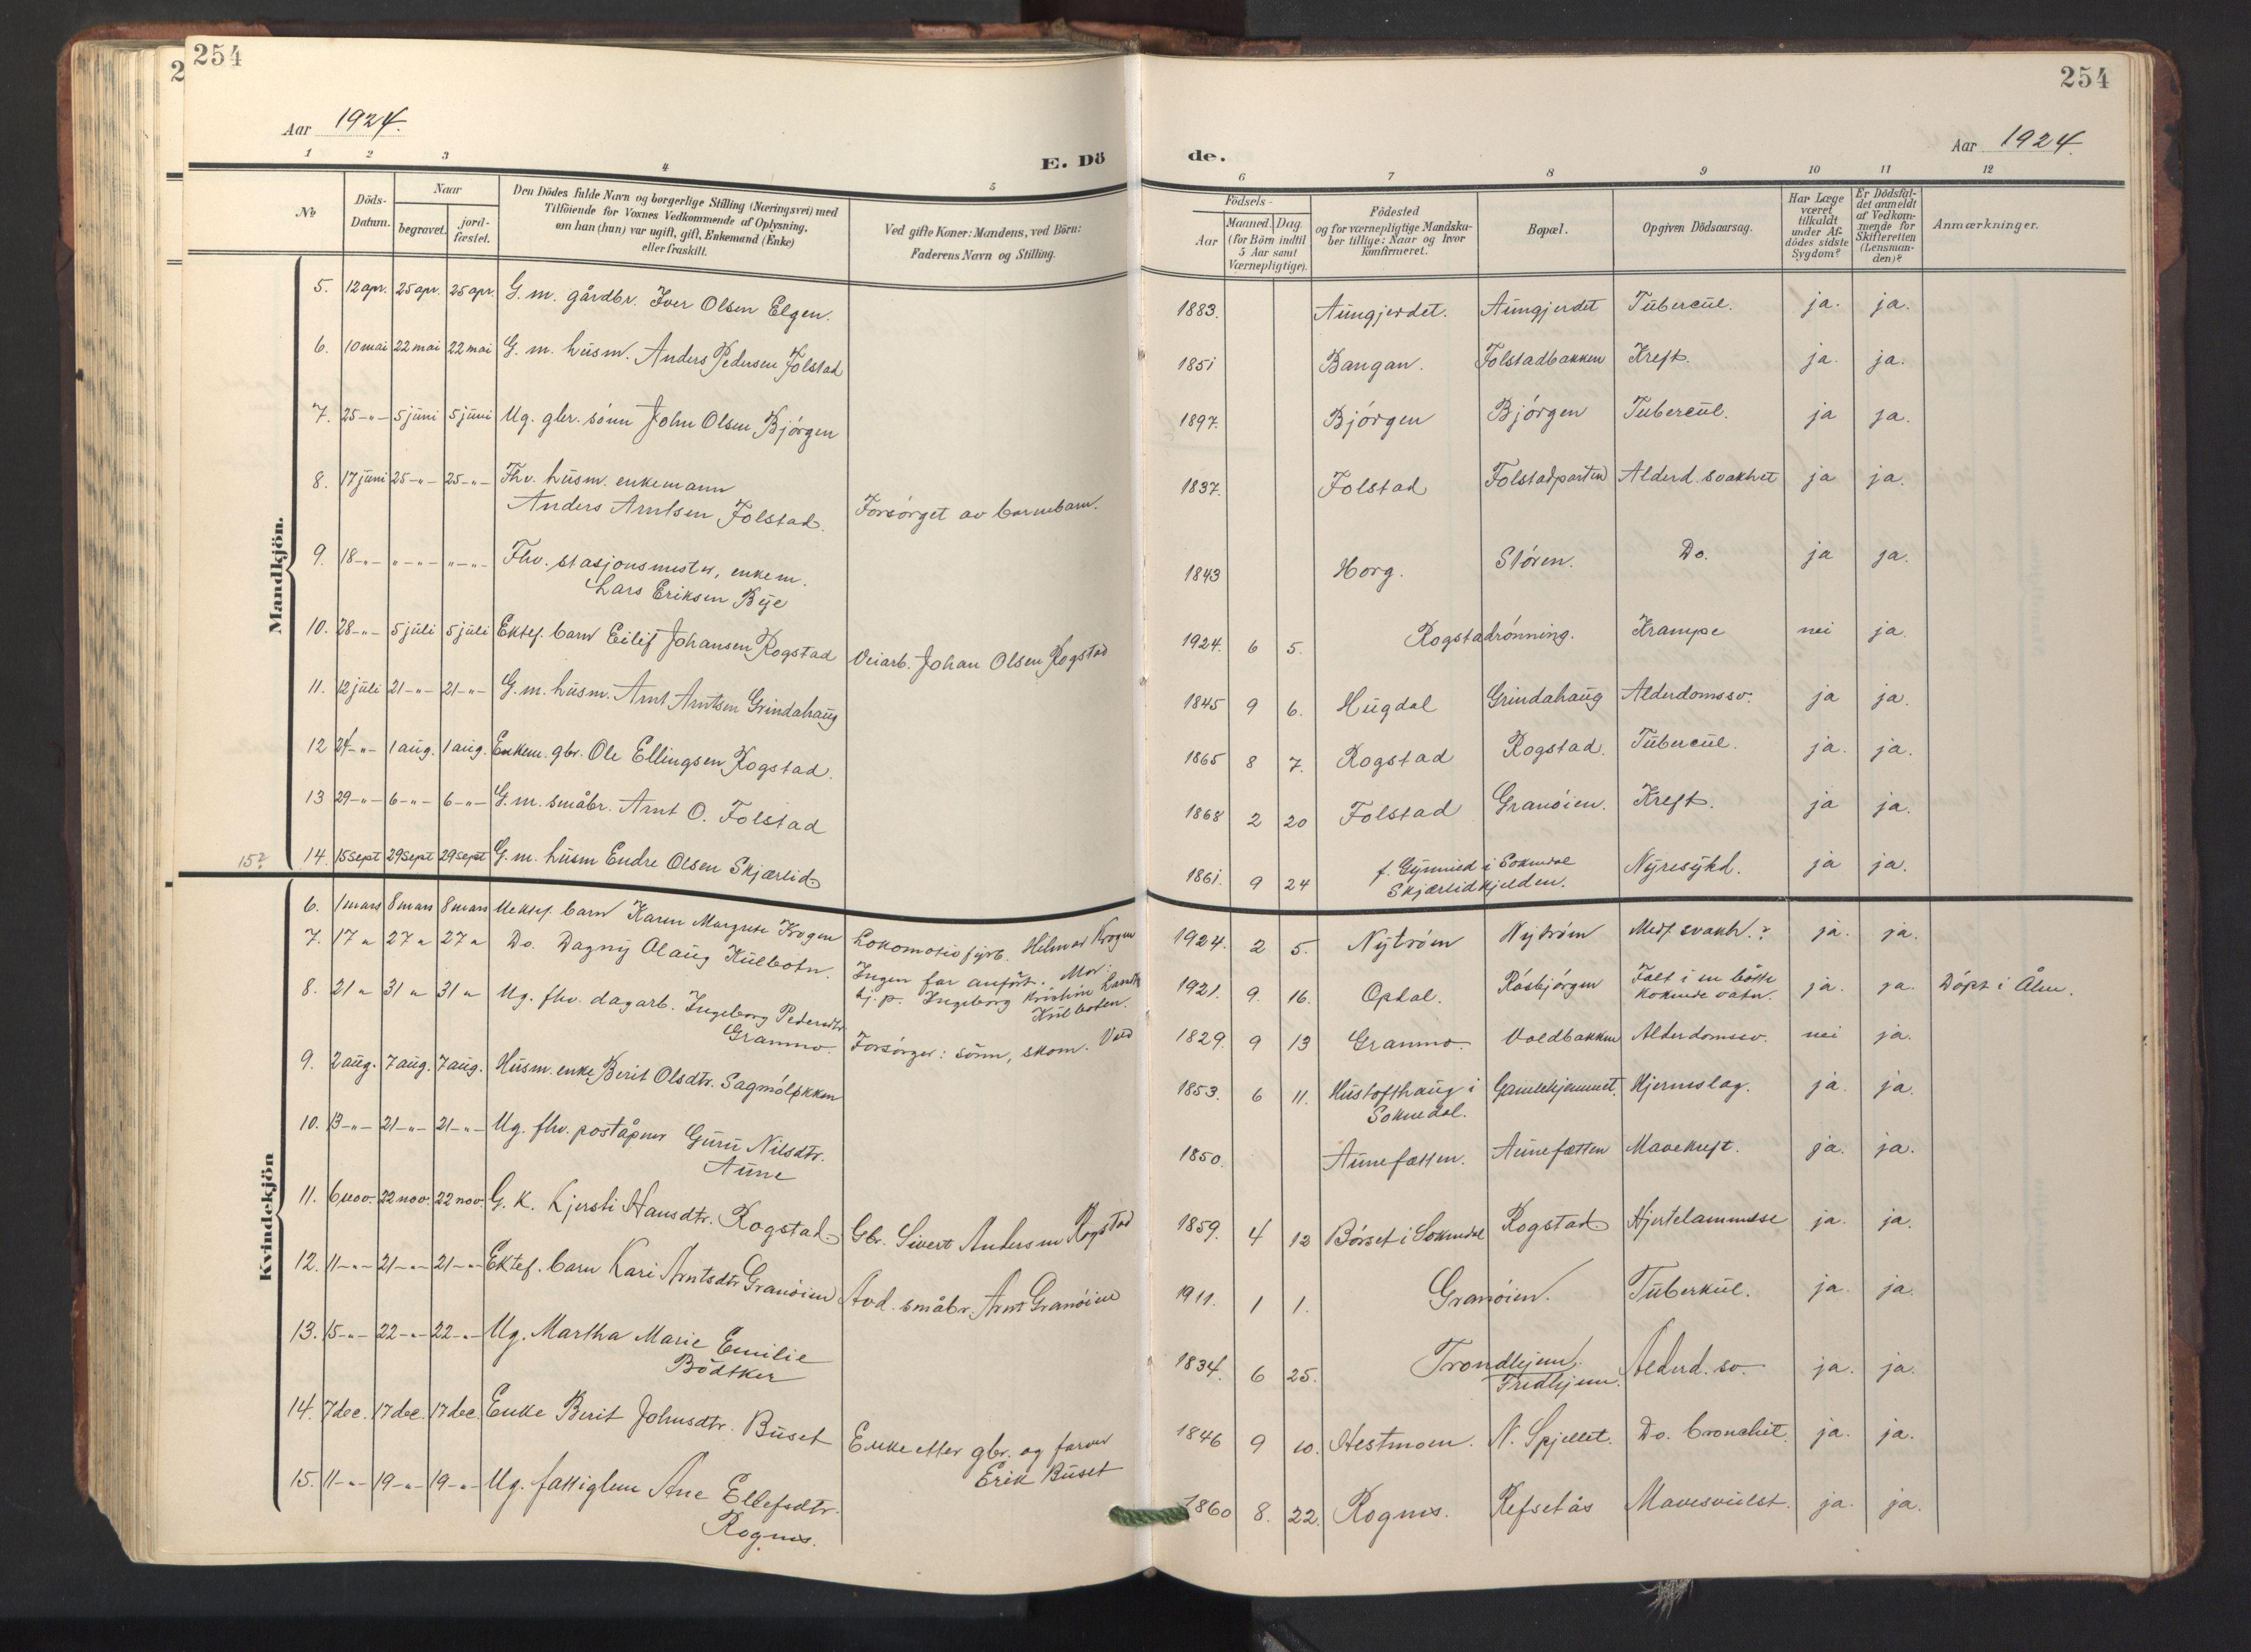 SAT, Ministerialprotokoller, klokkerbøker og fødselsregistre - Sør-Trøndelag, 687/L1019: Klokkerbok nr. 687C03, 1904-1931, s. 254